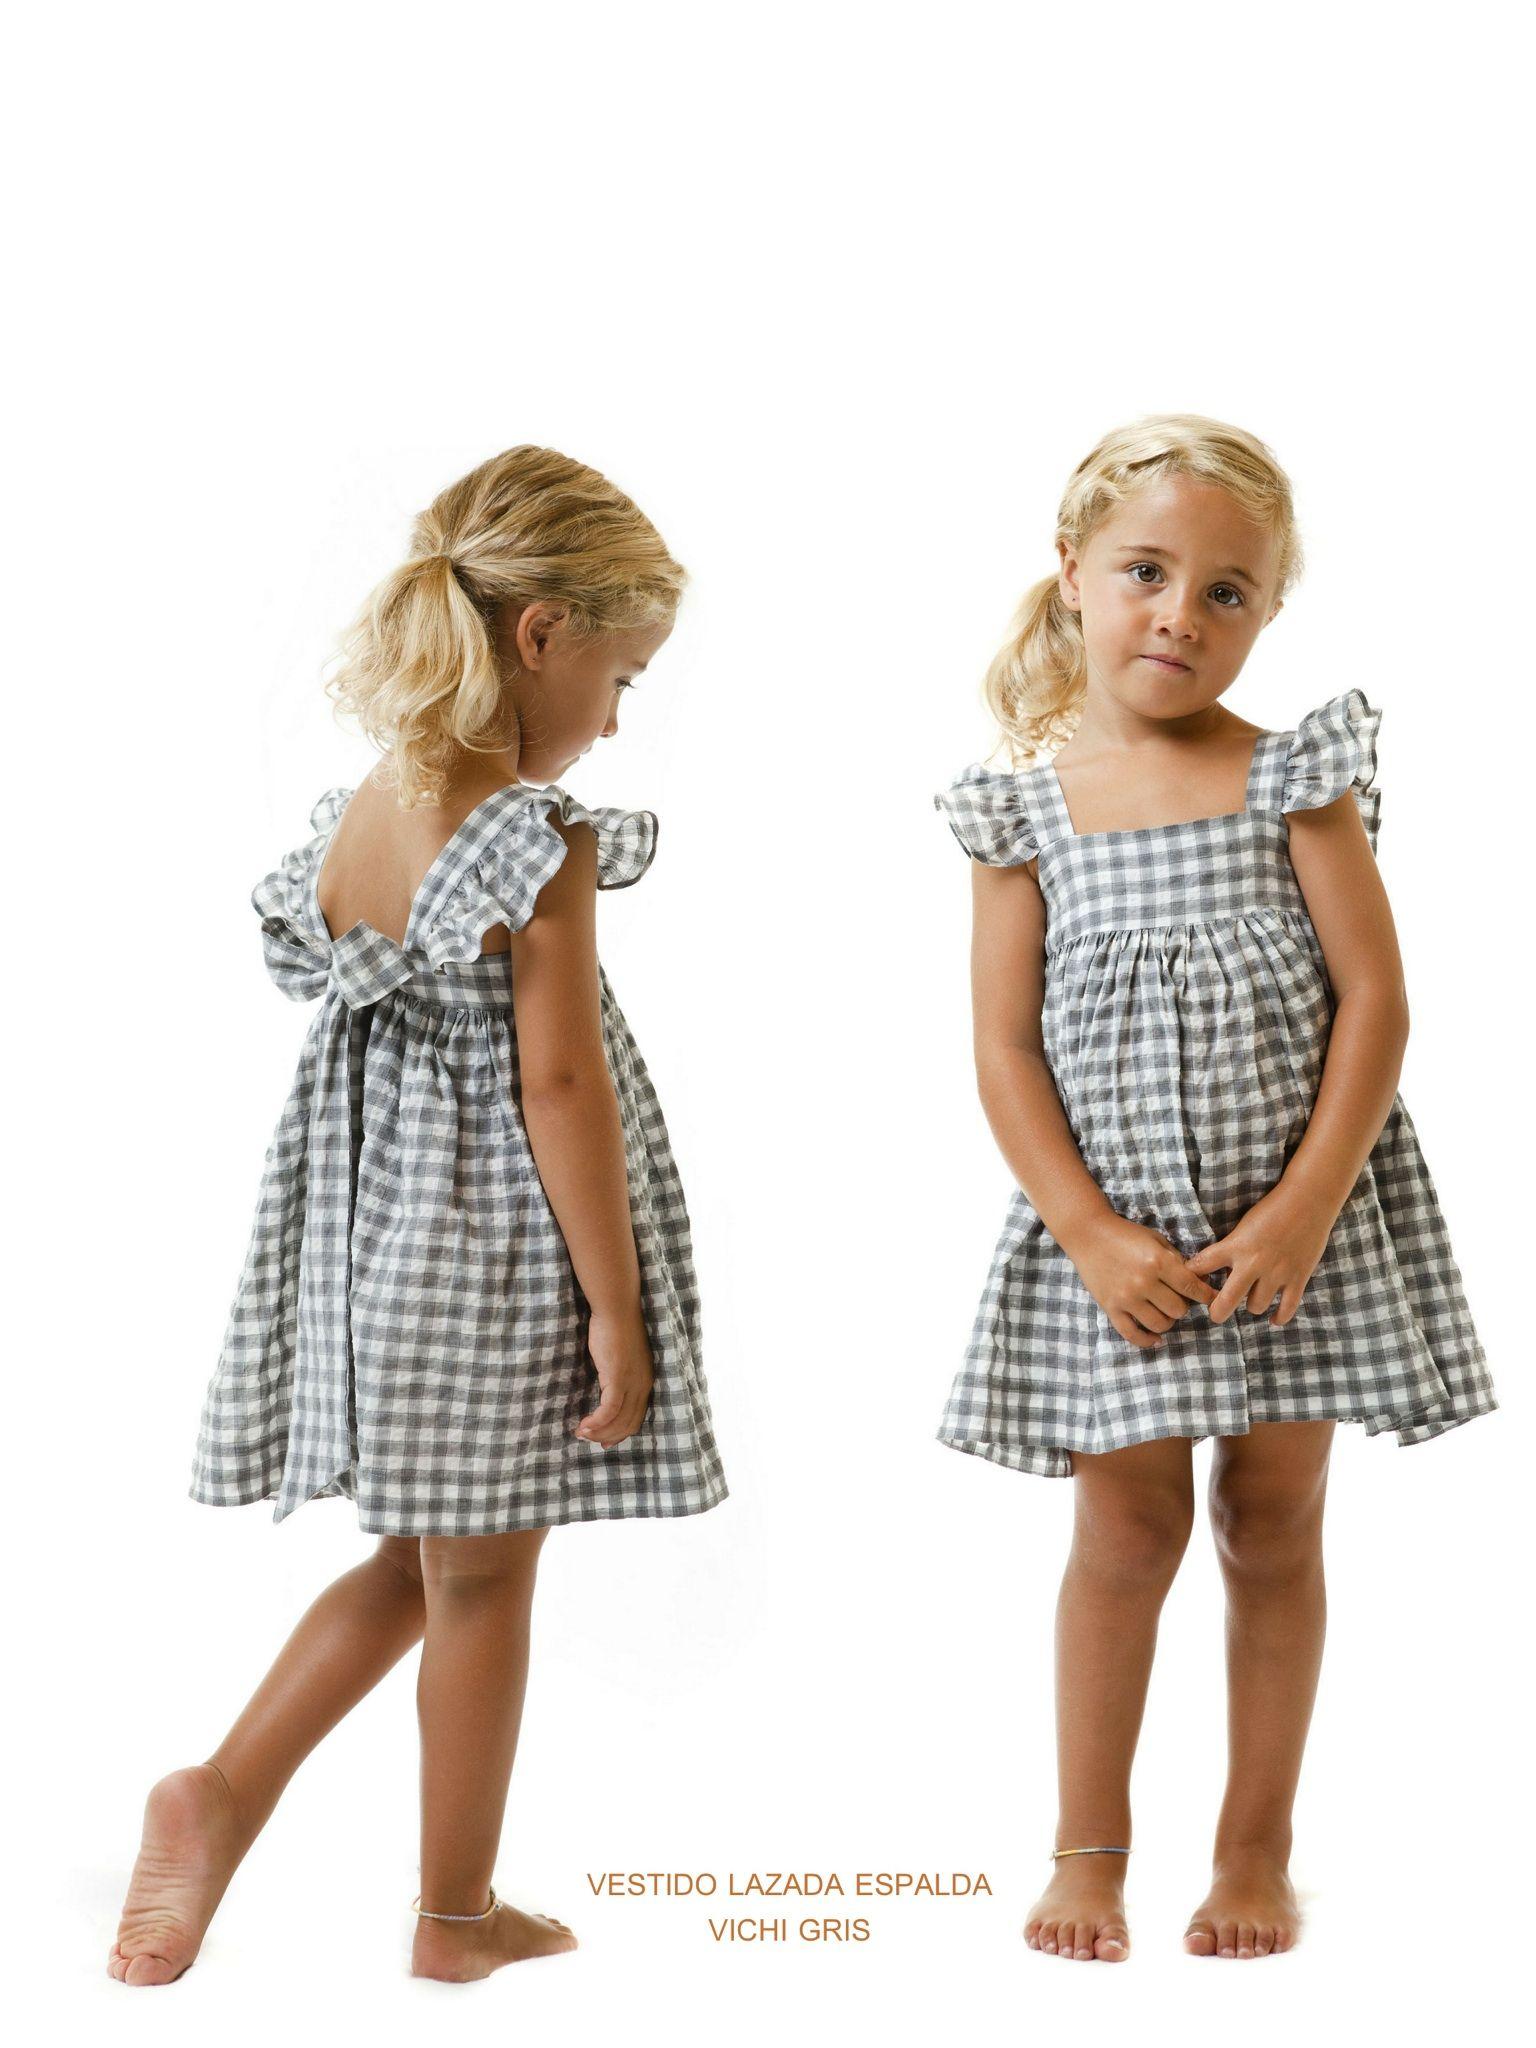 Vestido lazada espalda vichy gris | vestidos niñas | Pinterest | Nähen